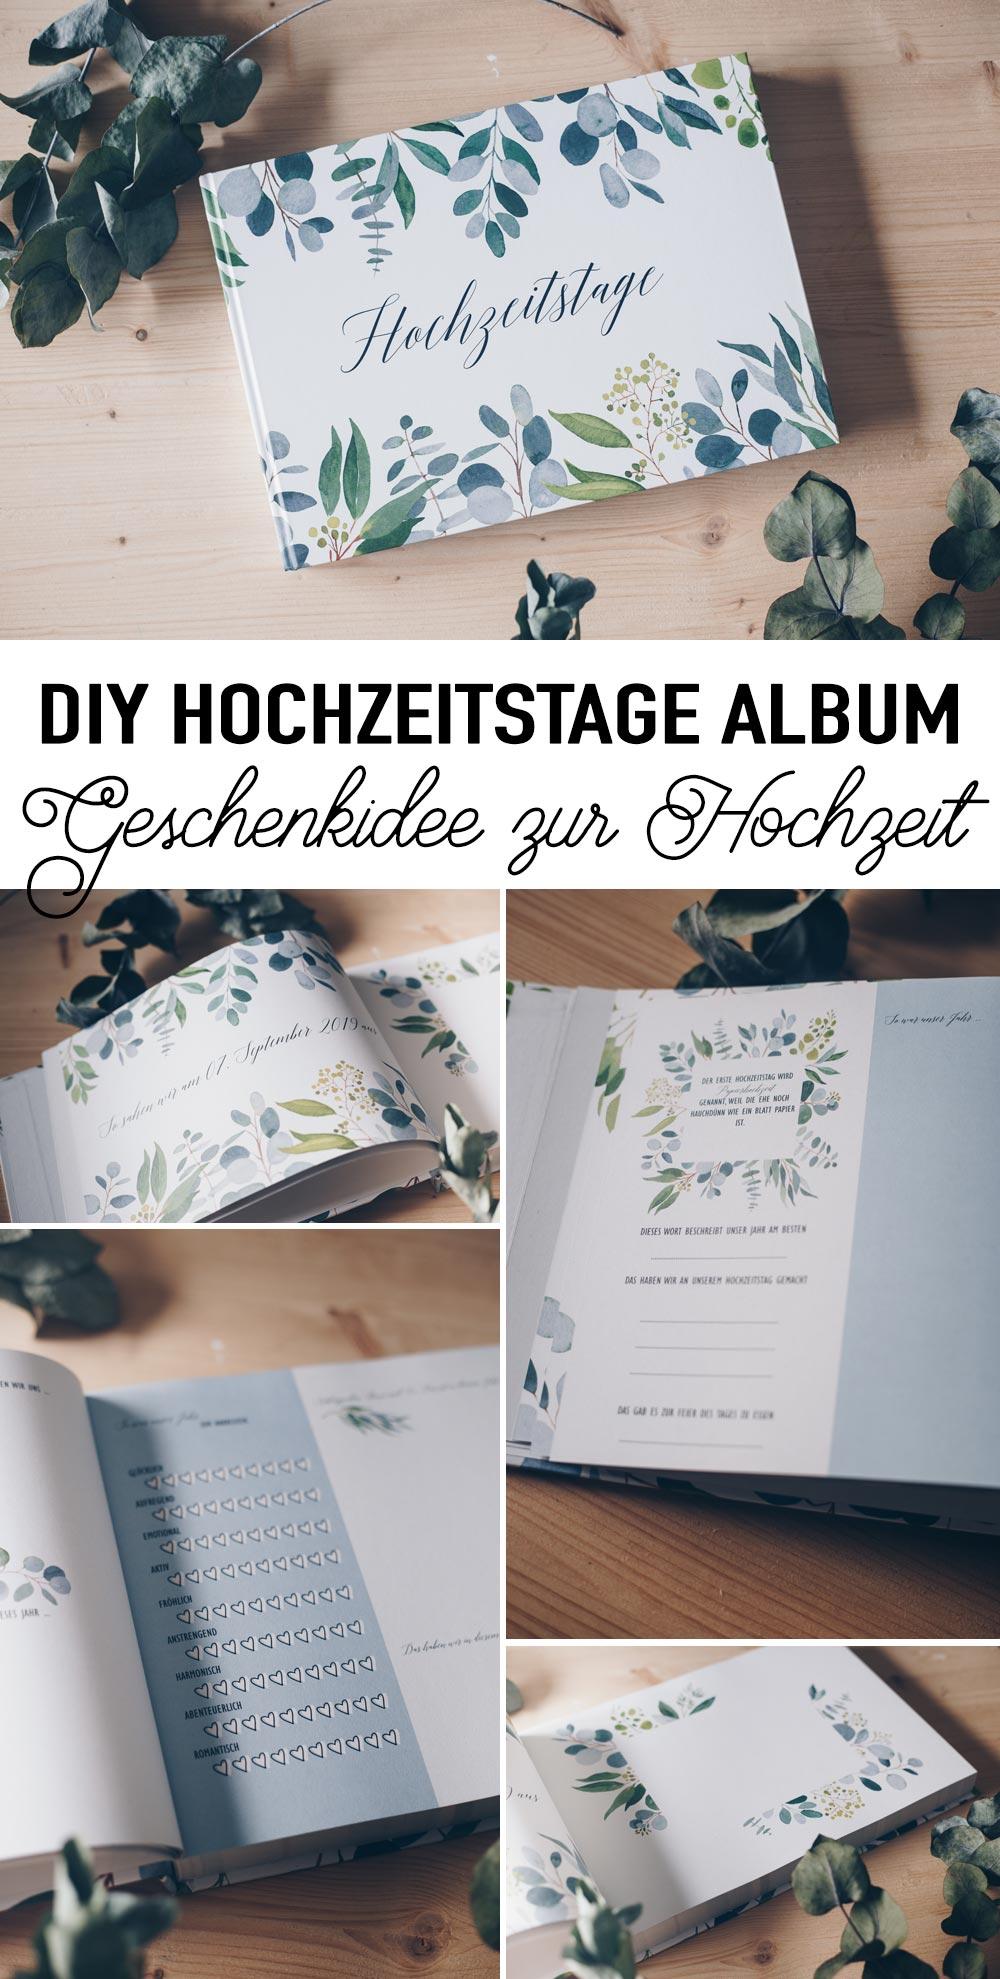 DIY Hochzeitstage Album gestalten - persönliche Geschenkidee zur Hochzeit